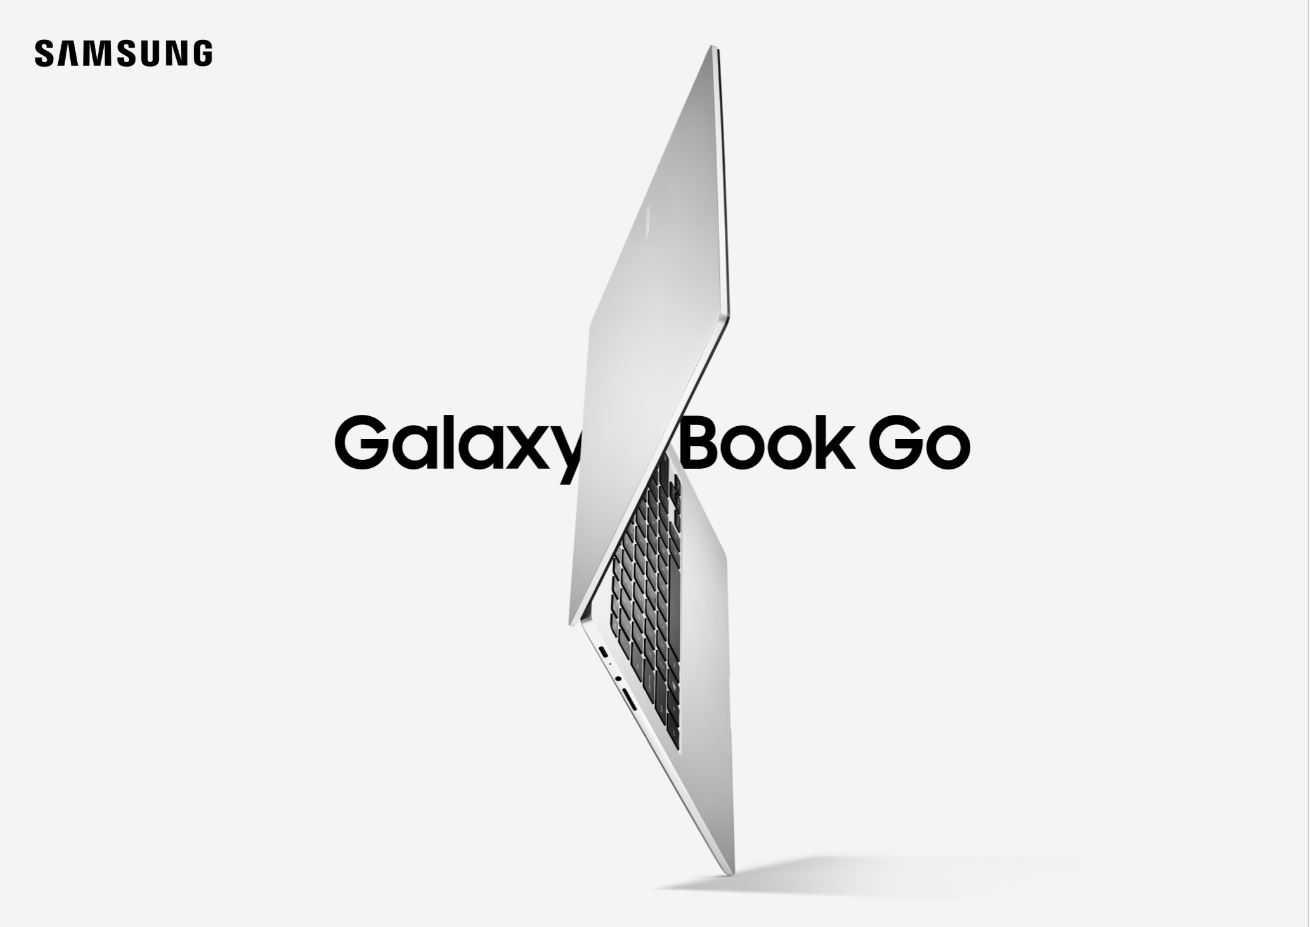 Samsung Galaxy Book Go : un ordinateur portable pas cher avec Windows 10 ARM